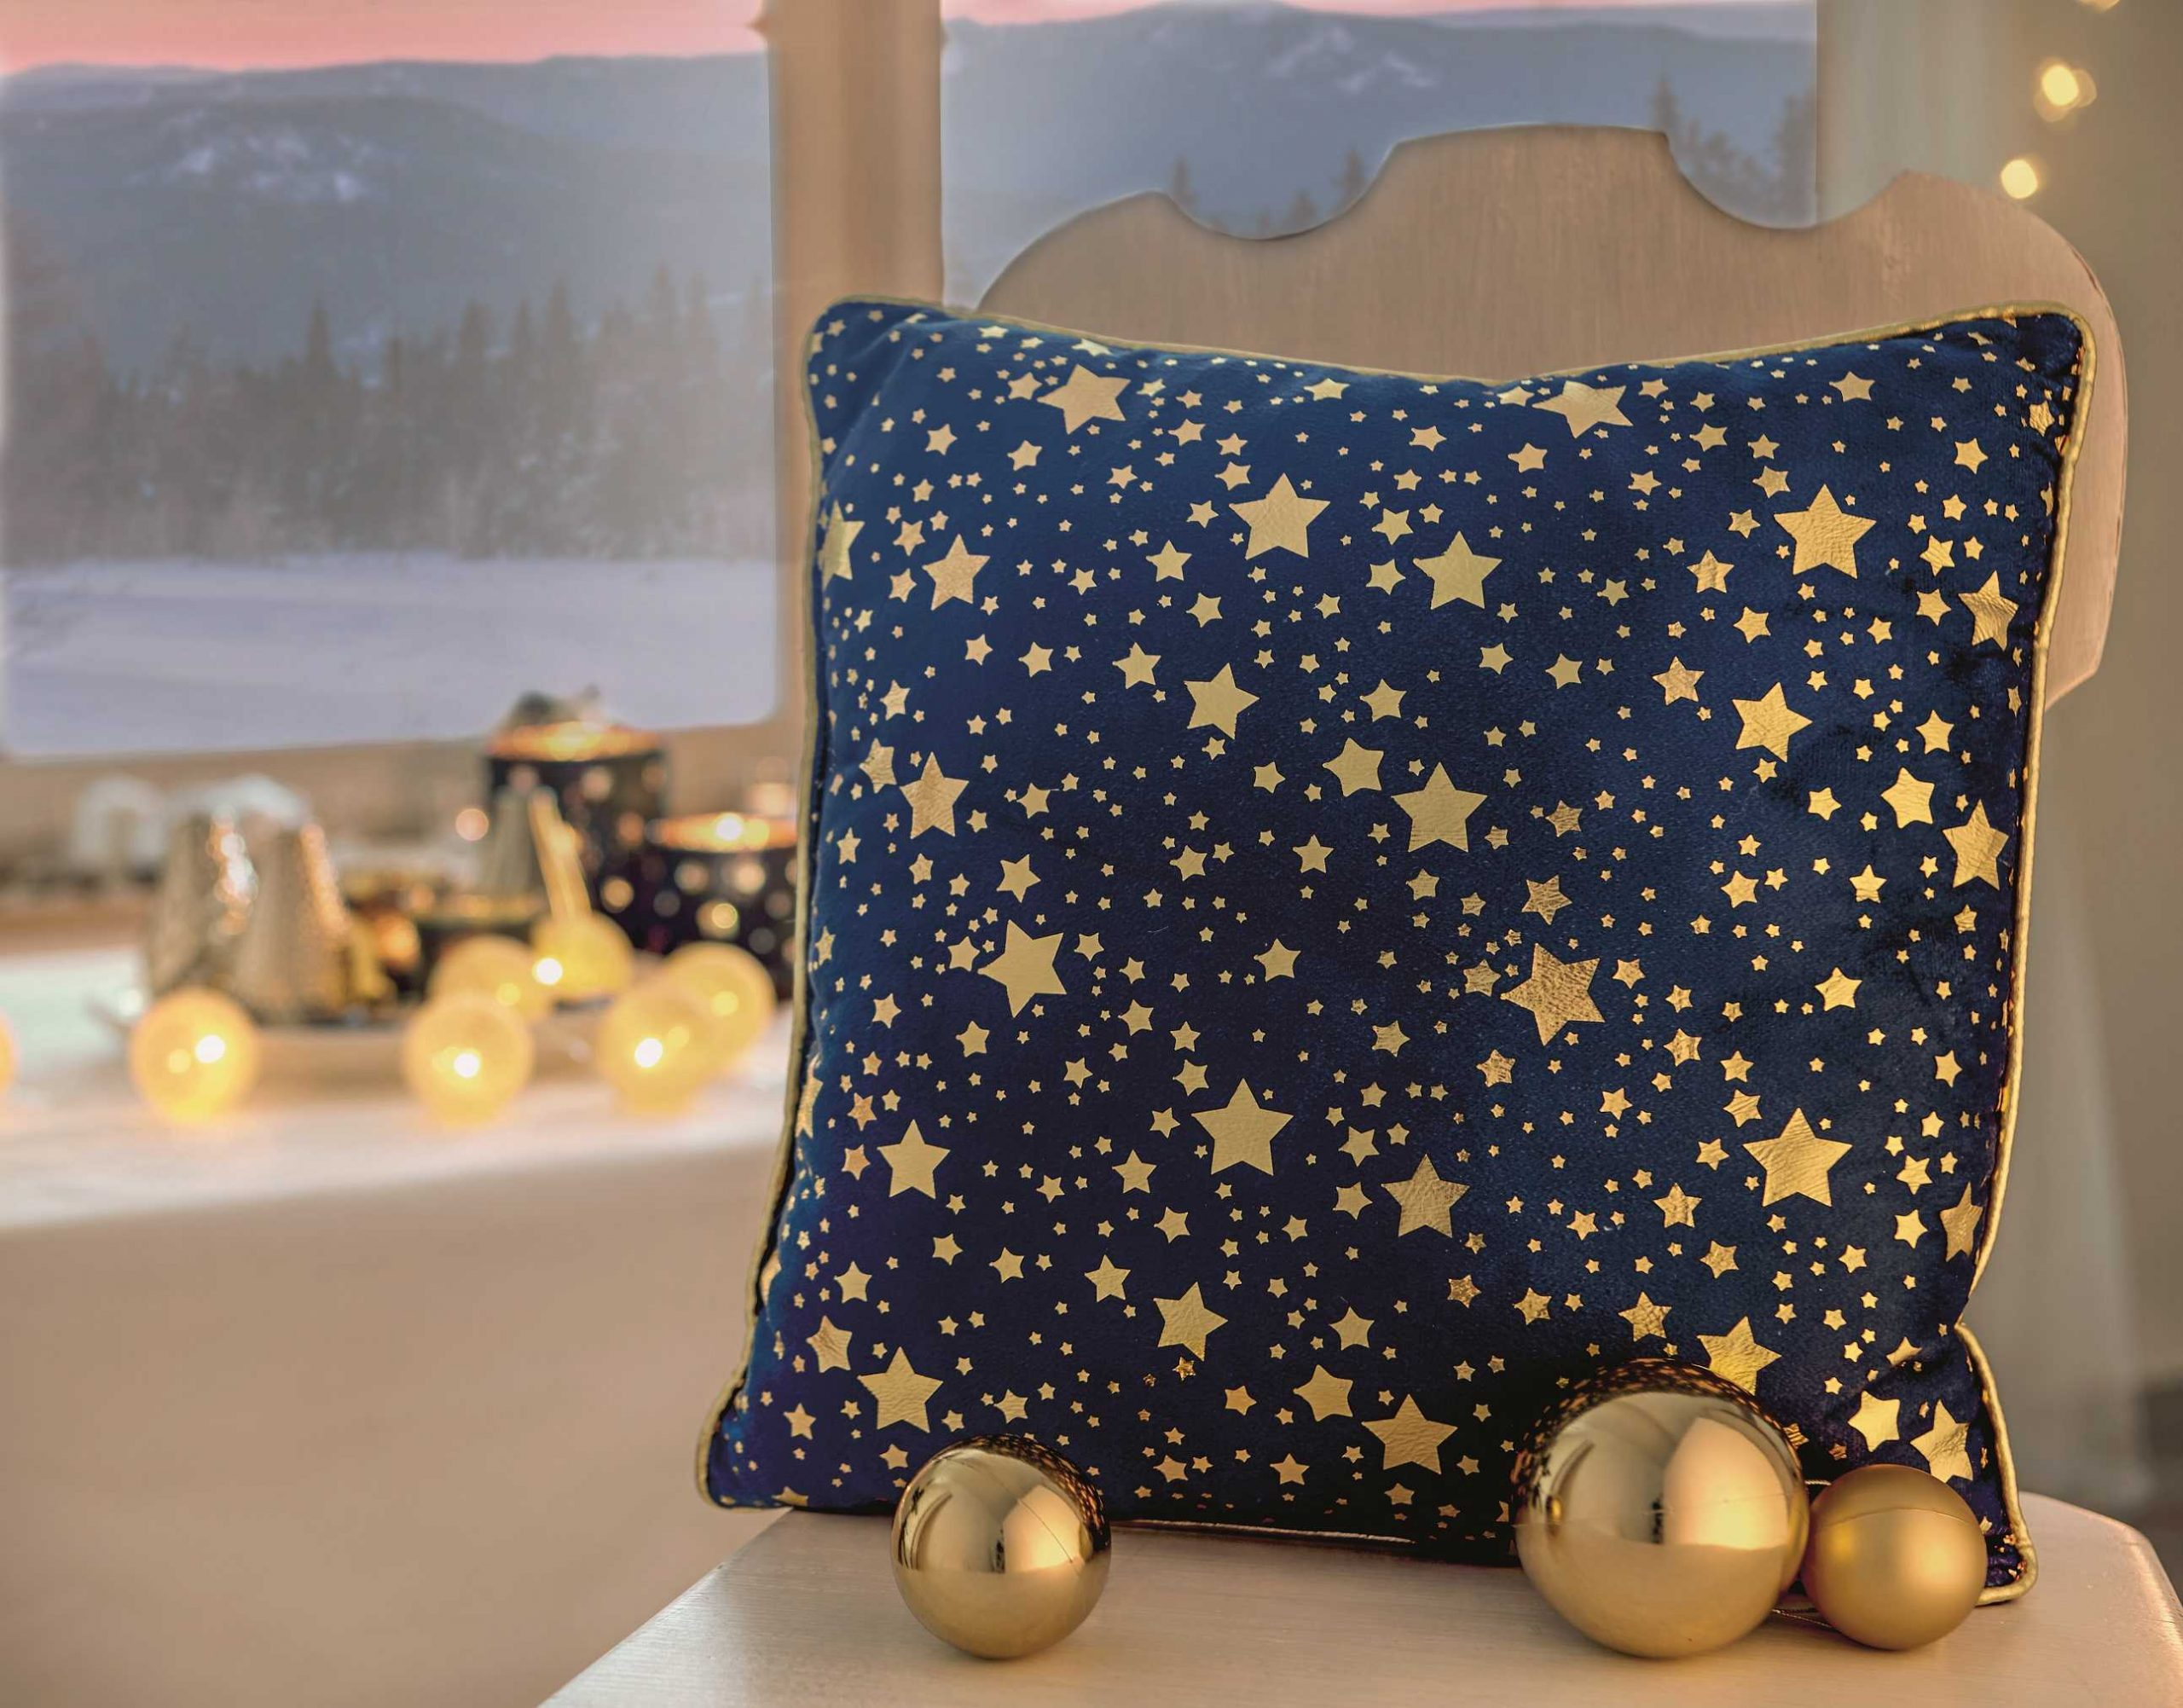 Złoto i granat: szlachetne połączenie, które idealnie podkreśli magię świąt Bożego Narodzenia